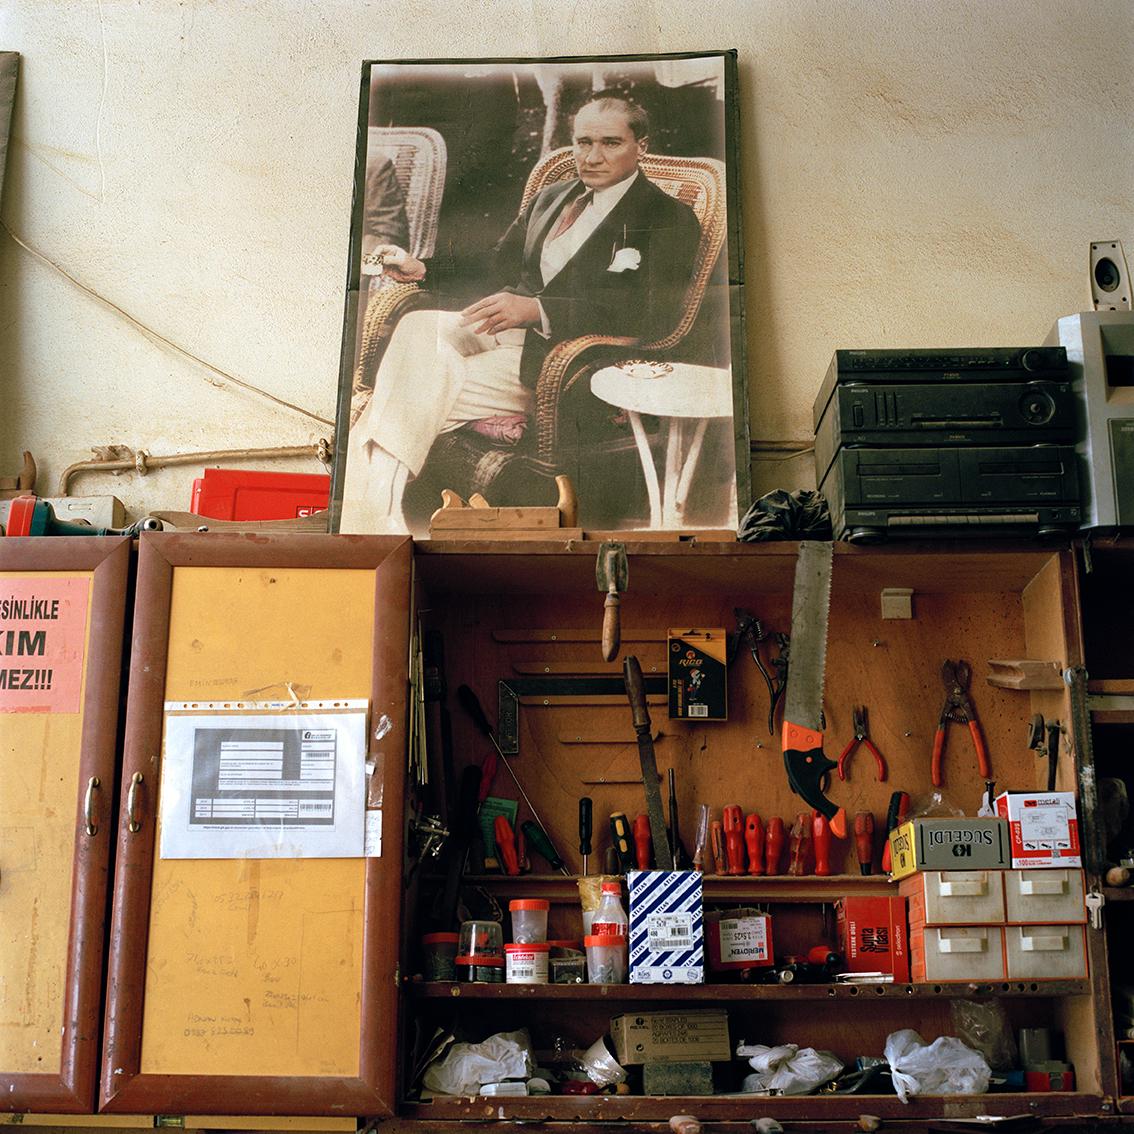 Carpenter's workshop in Istanbul, Turkey